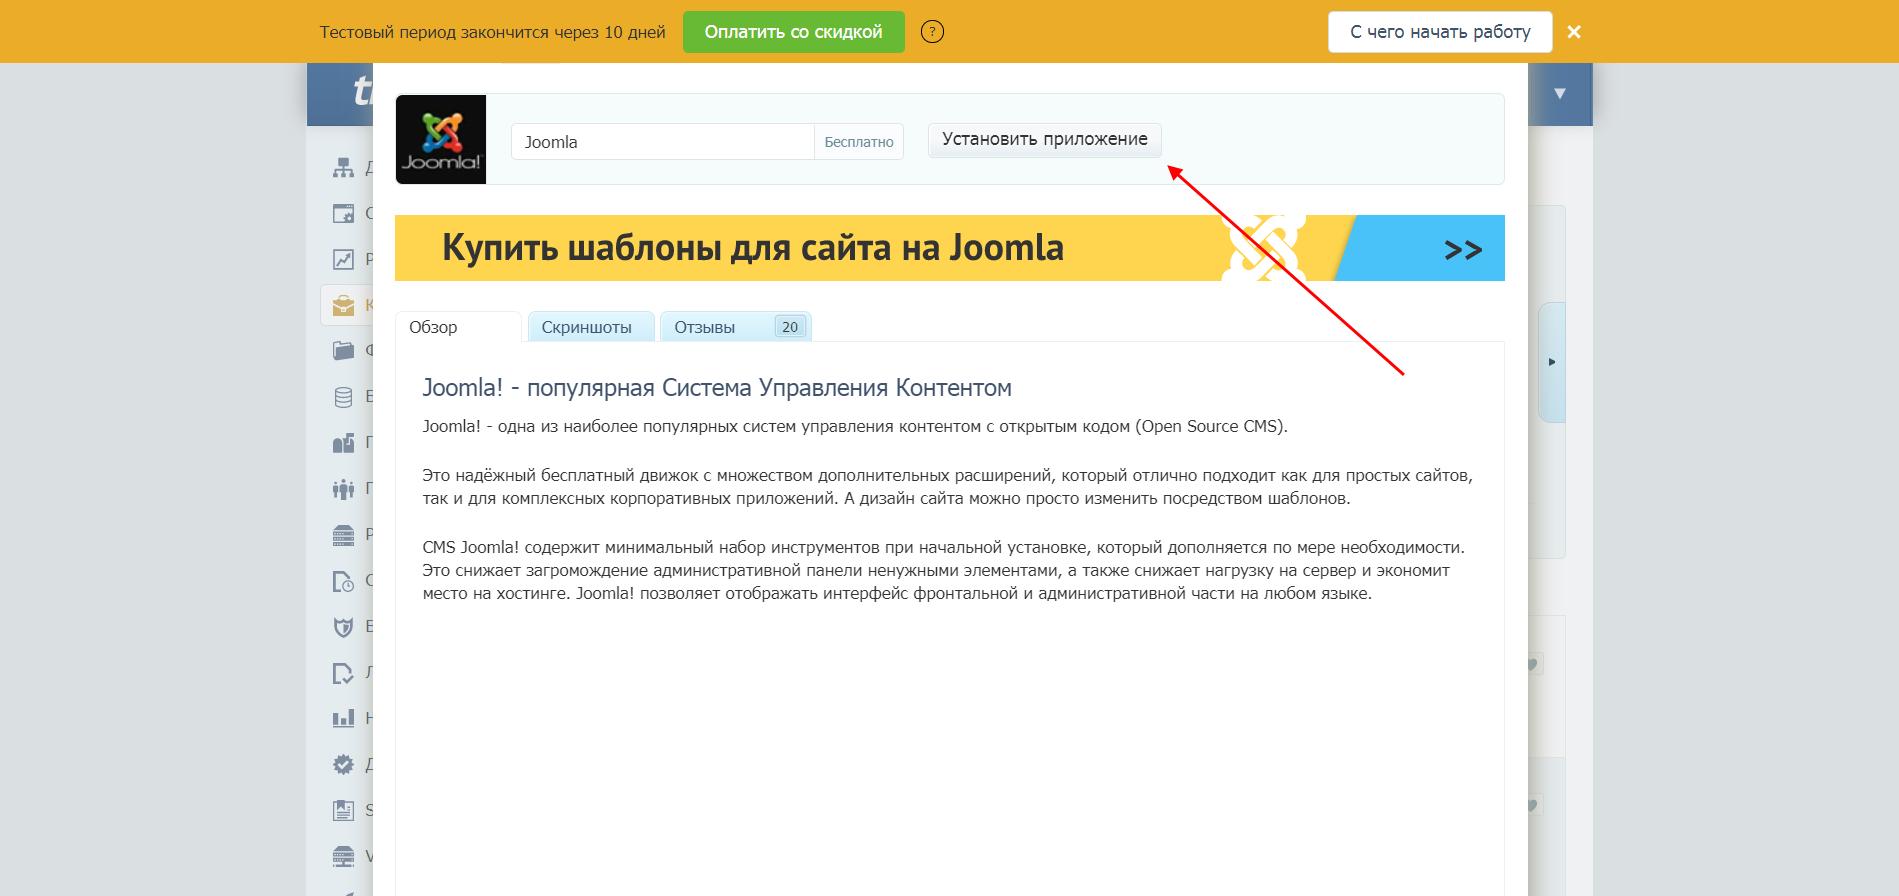 Как быстро поставить Joomla на хостинге